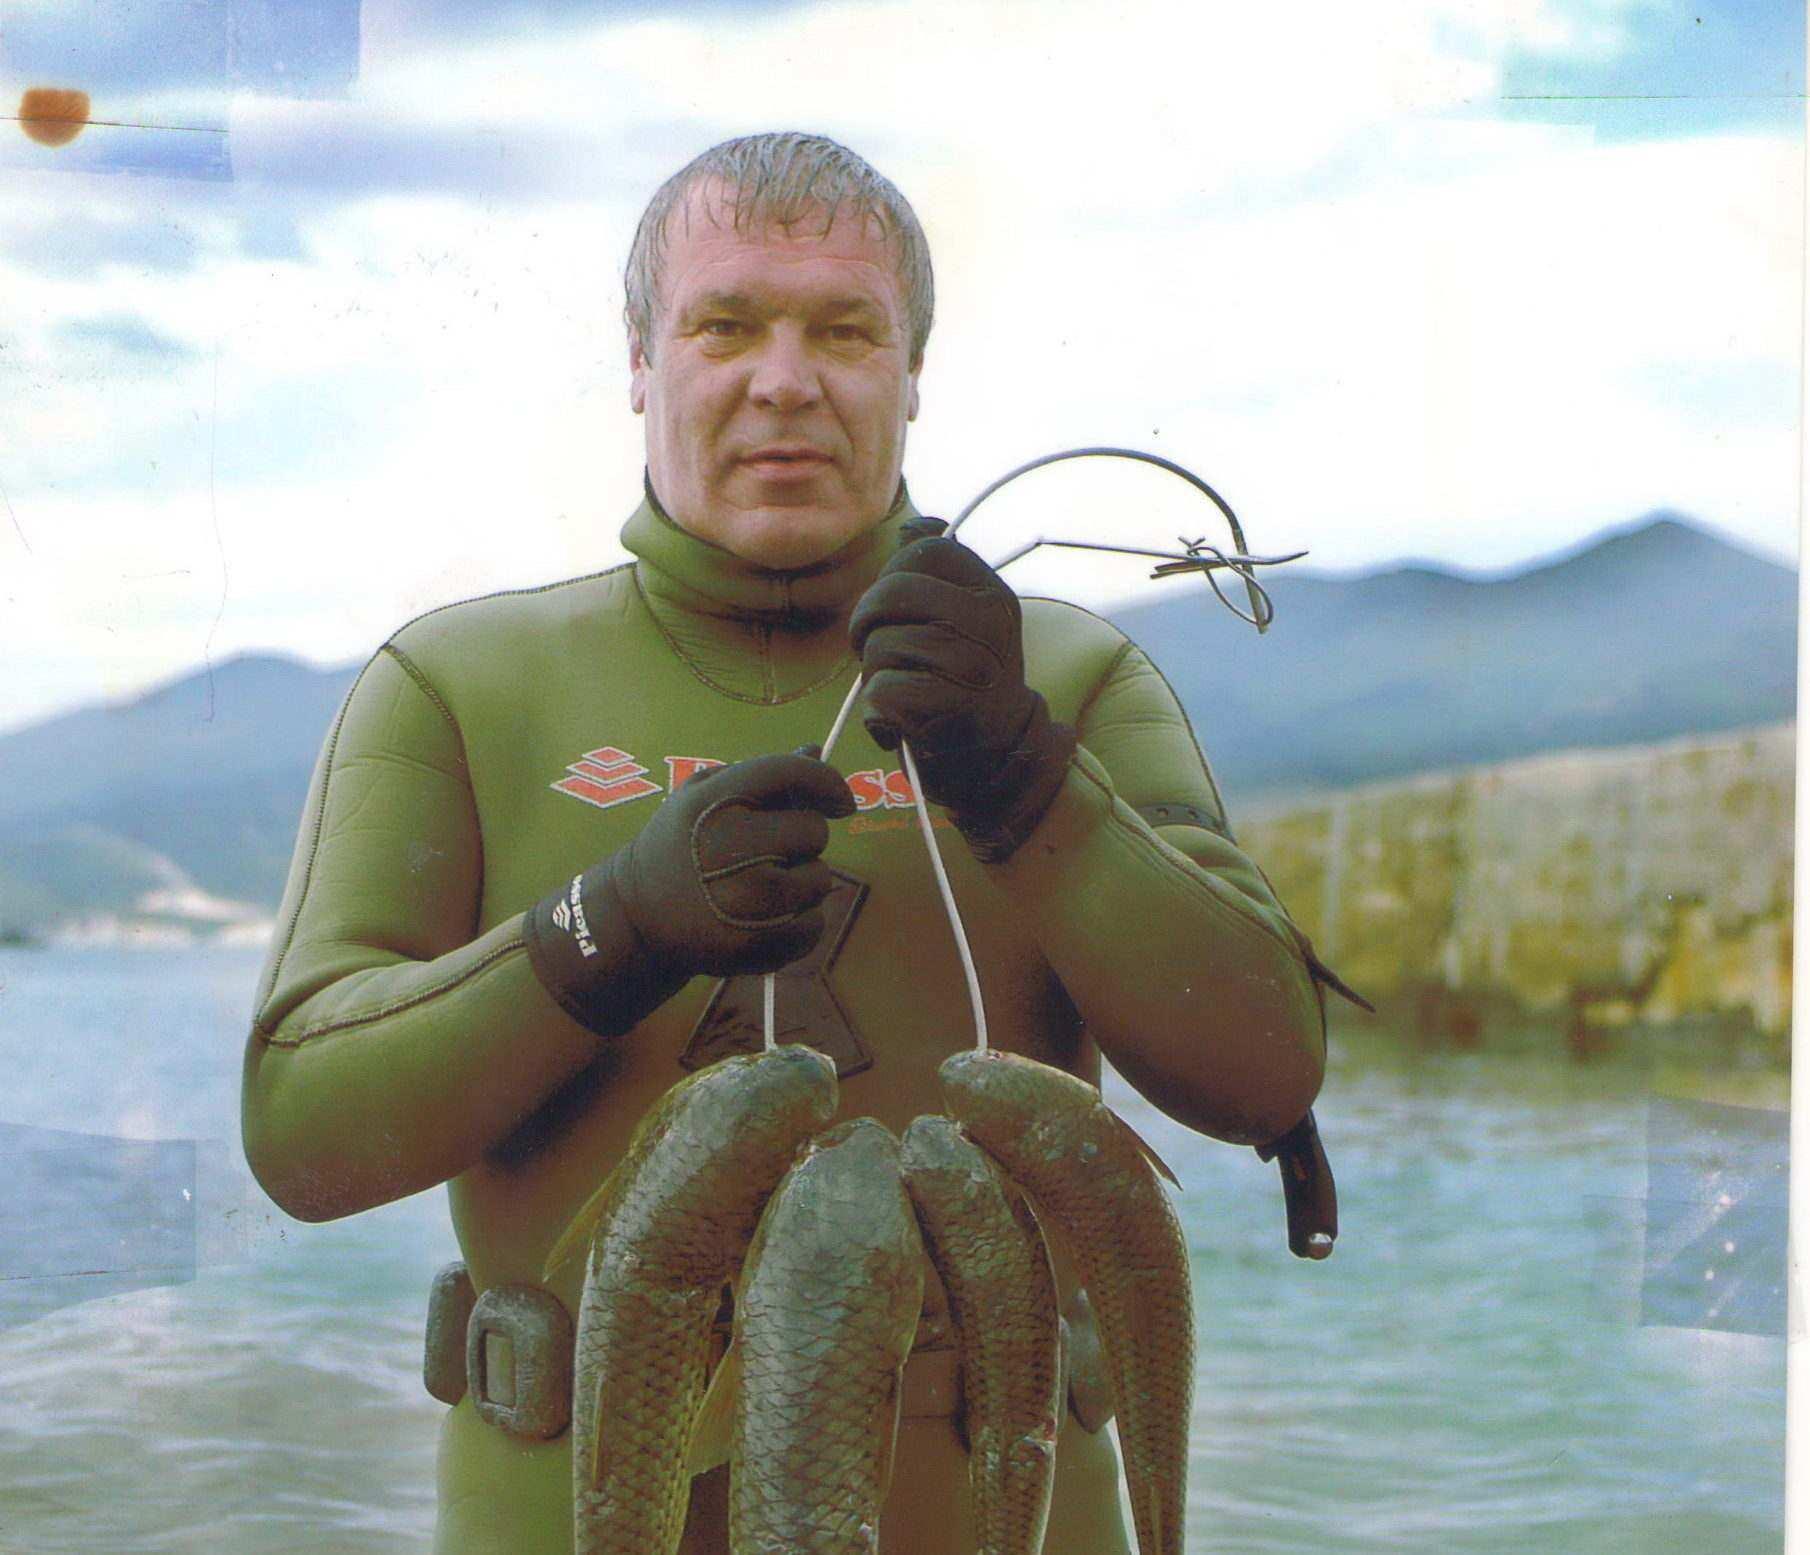 Рыбак из Новороссийска Алексей Гришин победил в первом российском чемпионате по подводной охоте